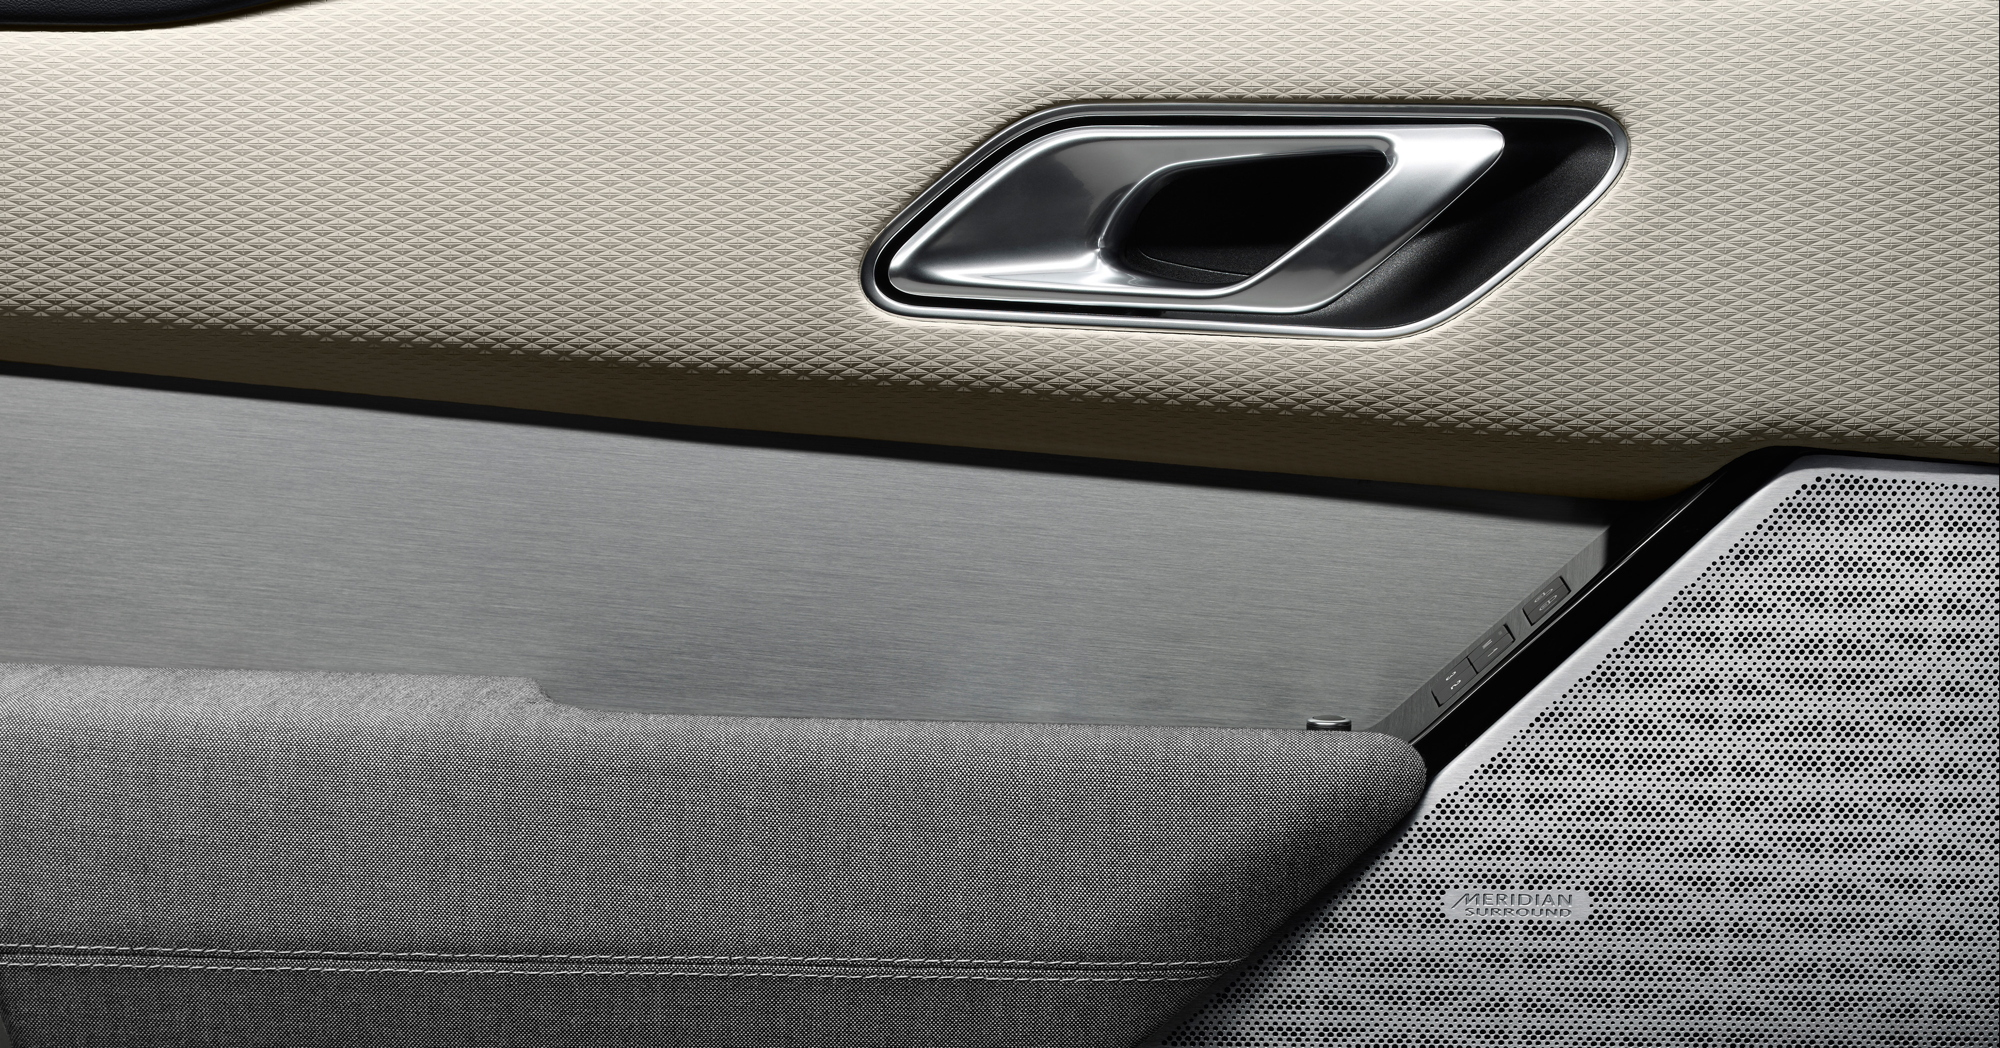 Range Rover Velar interior detail